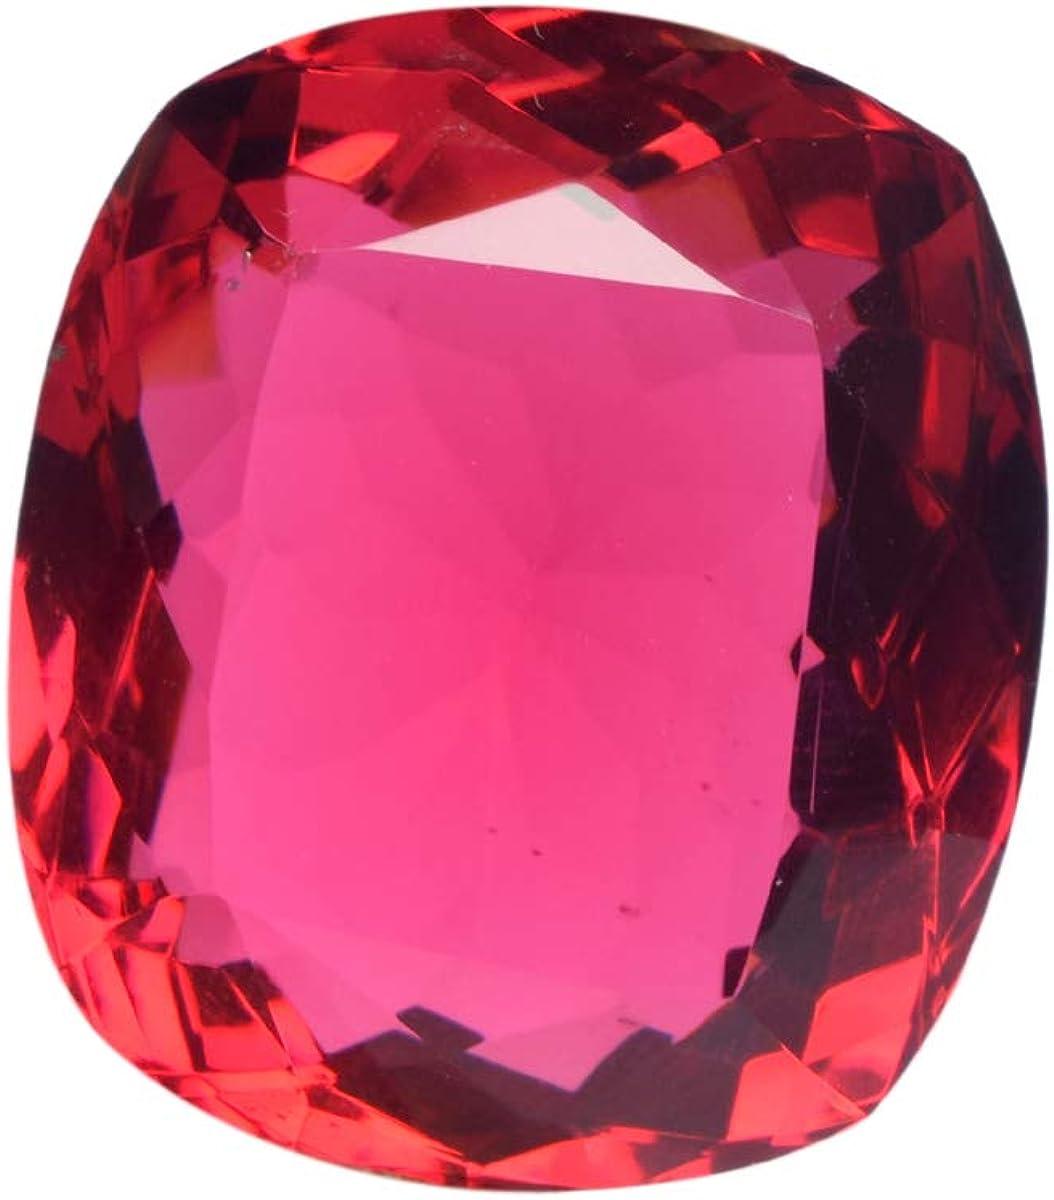 Gemhub Rosa Turmalina 80.00 CT Turmalina Brasileña Facetas Cojín Rosa Turmalina Piedra Preciosa Suelta